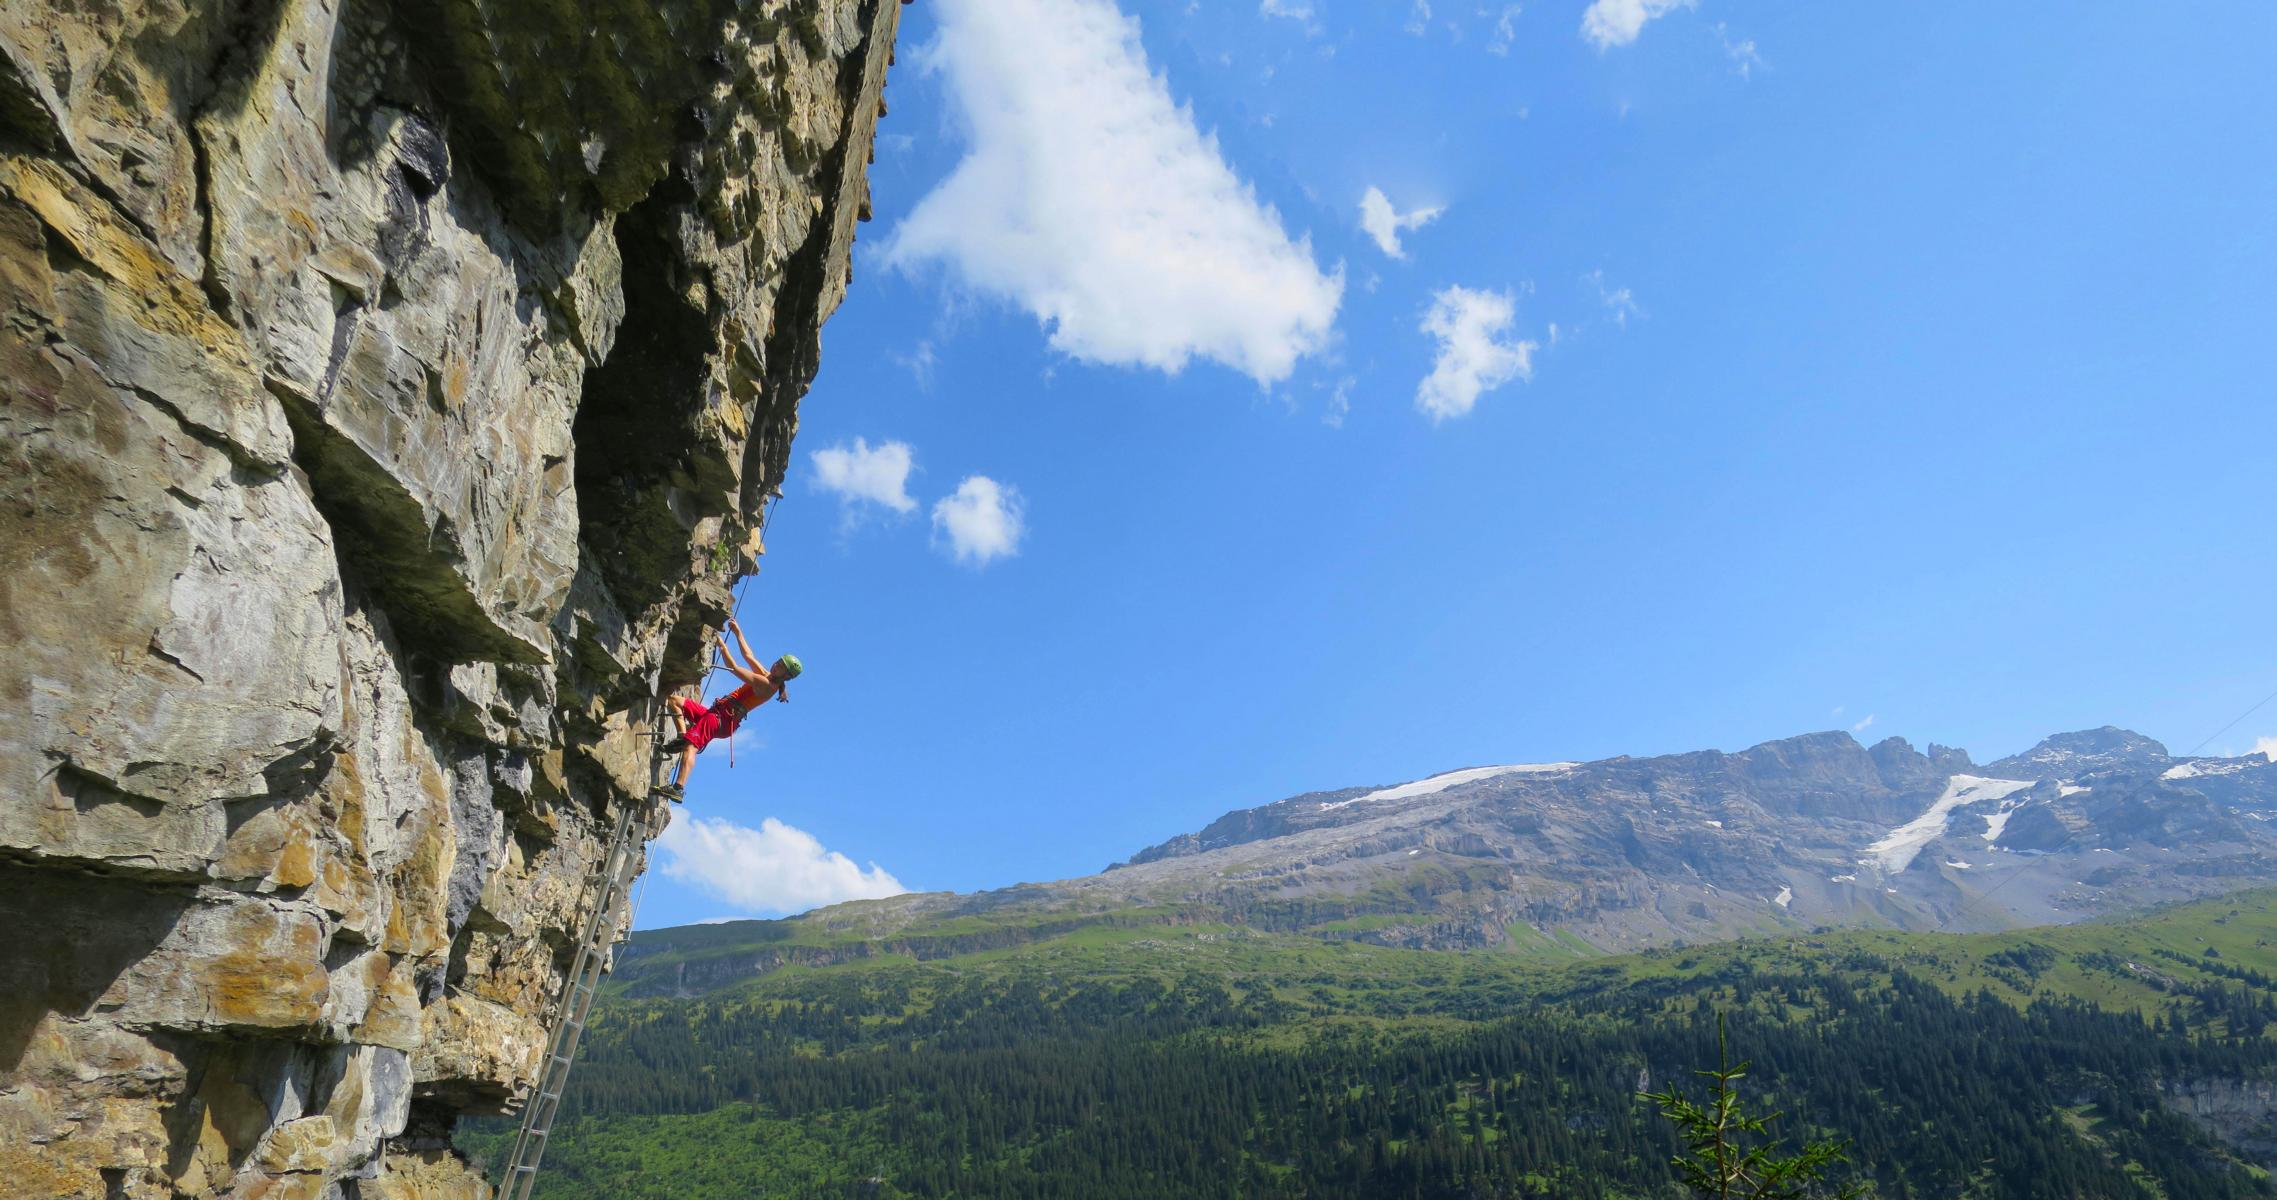 Klettersteig Urnerboden : Klettersteig zingelstöckli bergsteigen